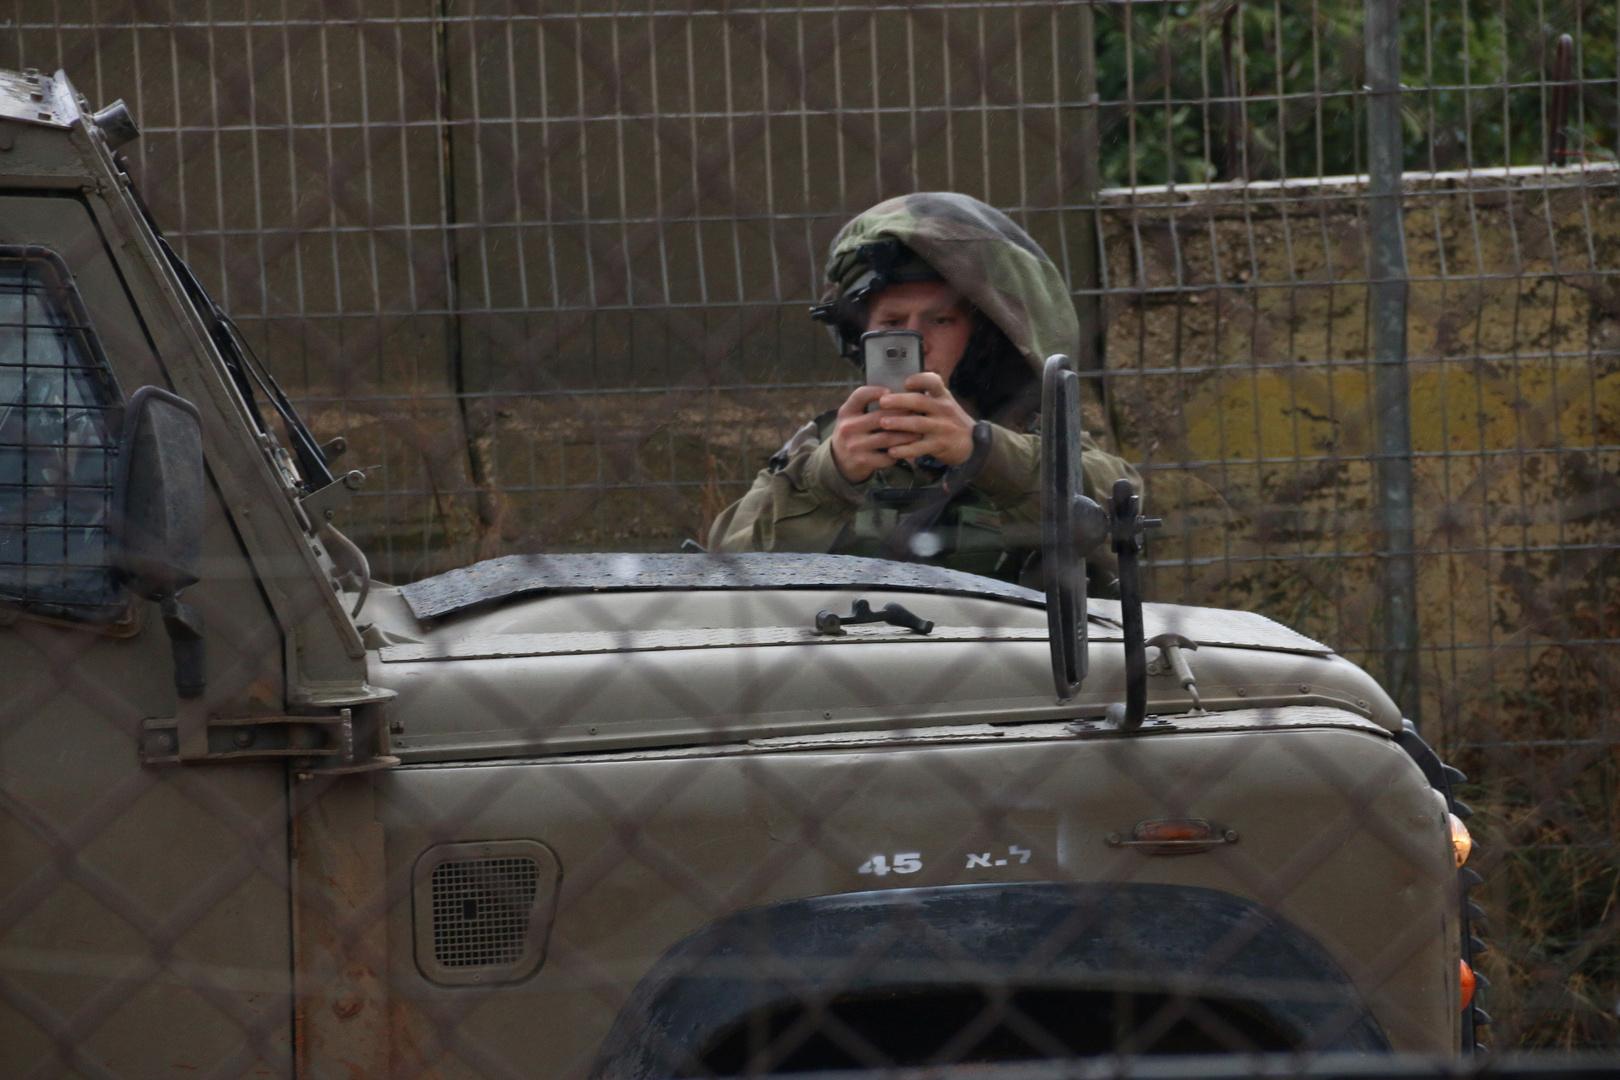 قائد عسكري إسرائيلي: العدو موجود خلف الحدود ونحن نستعد للمواجهة المقبلة معه